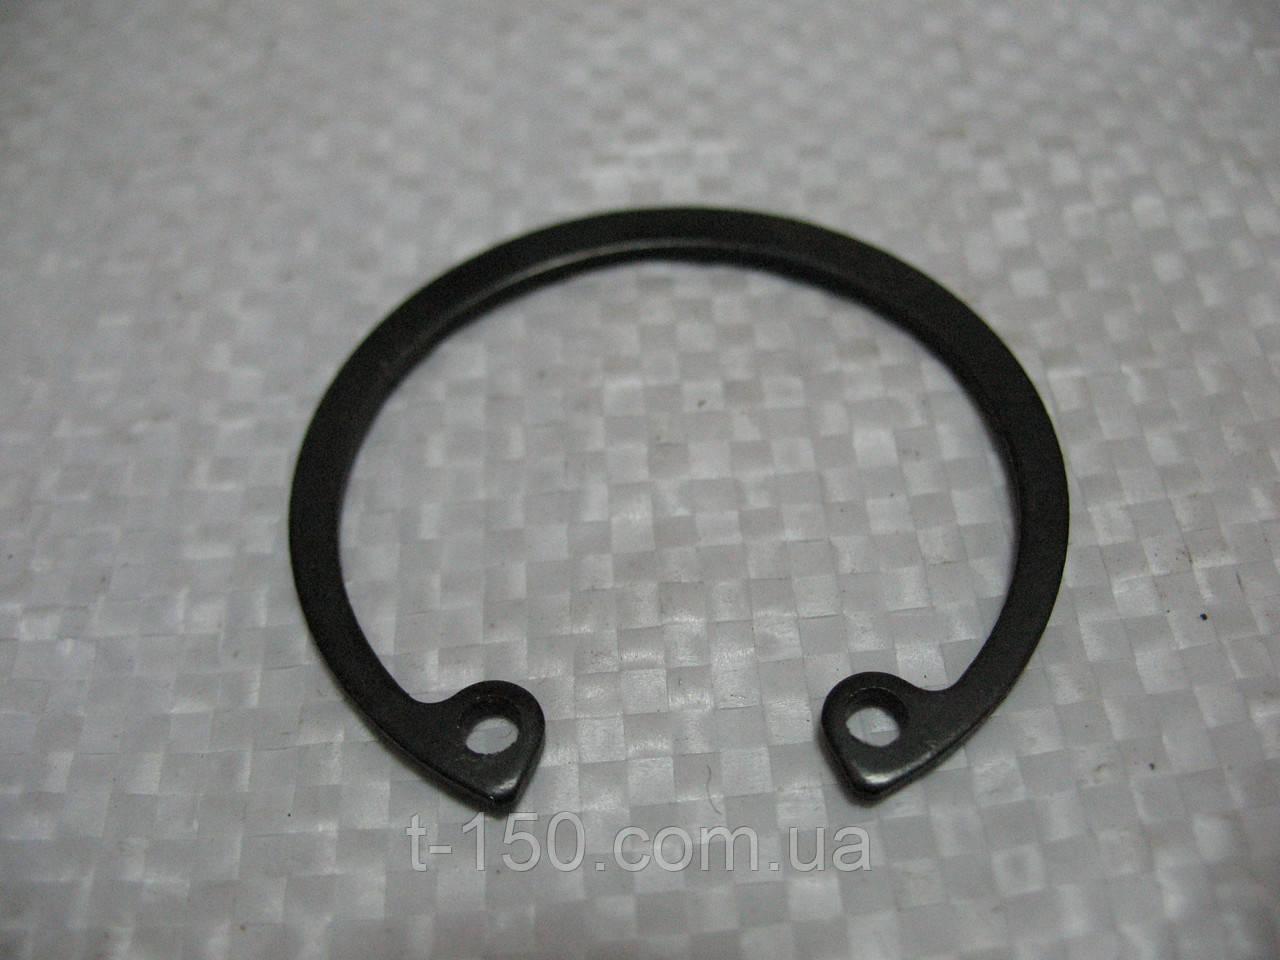 Кольцо стопорное поршневого пальца СМД-60 (60-03107.00)